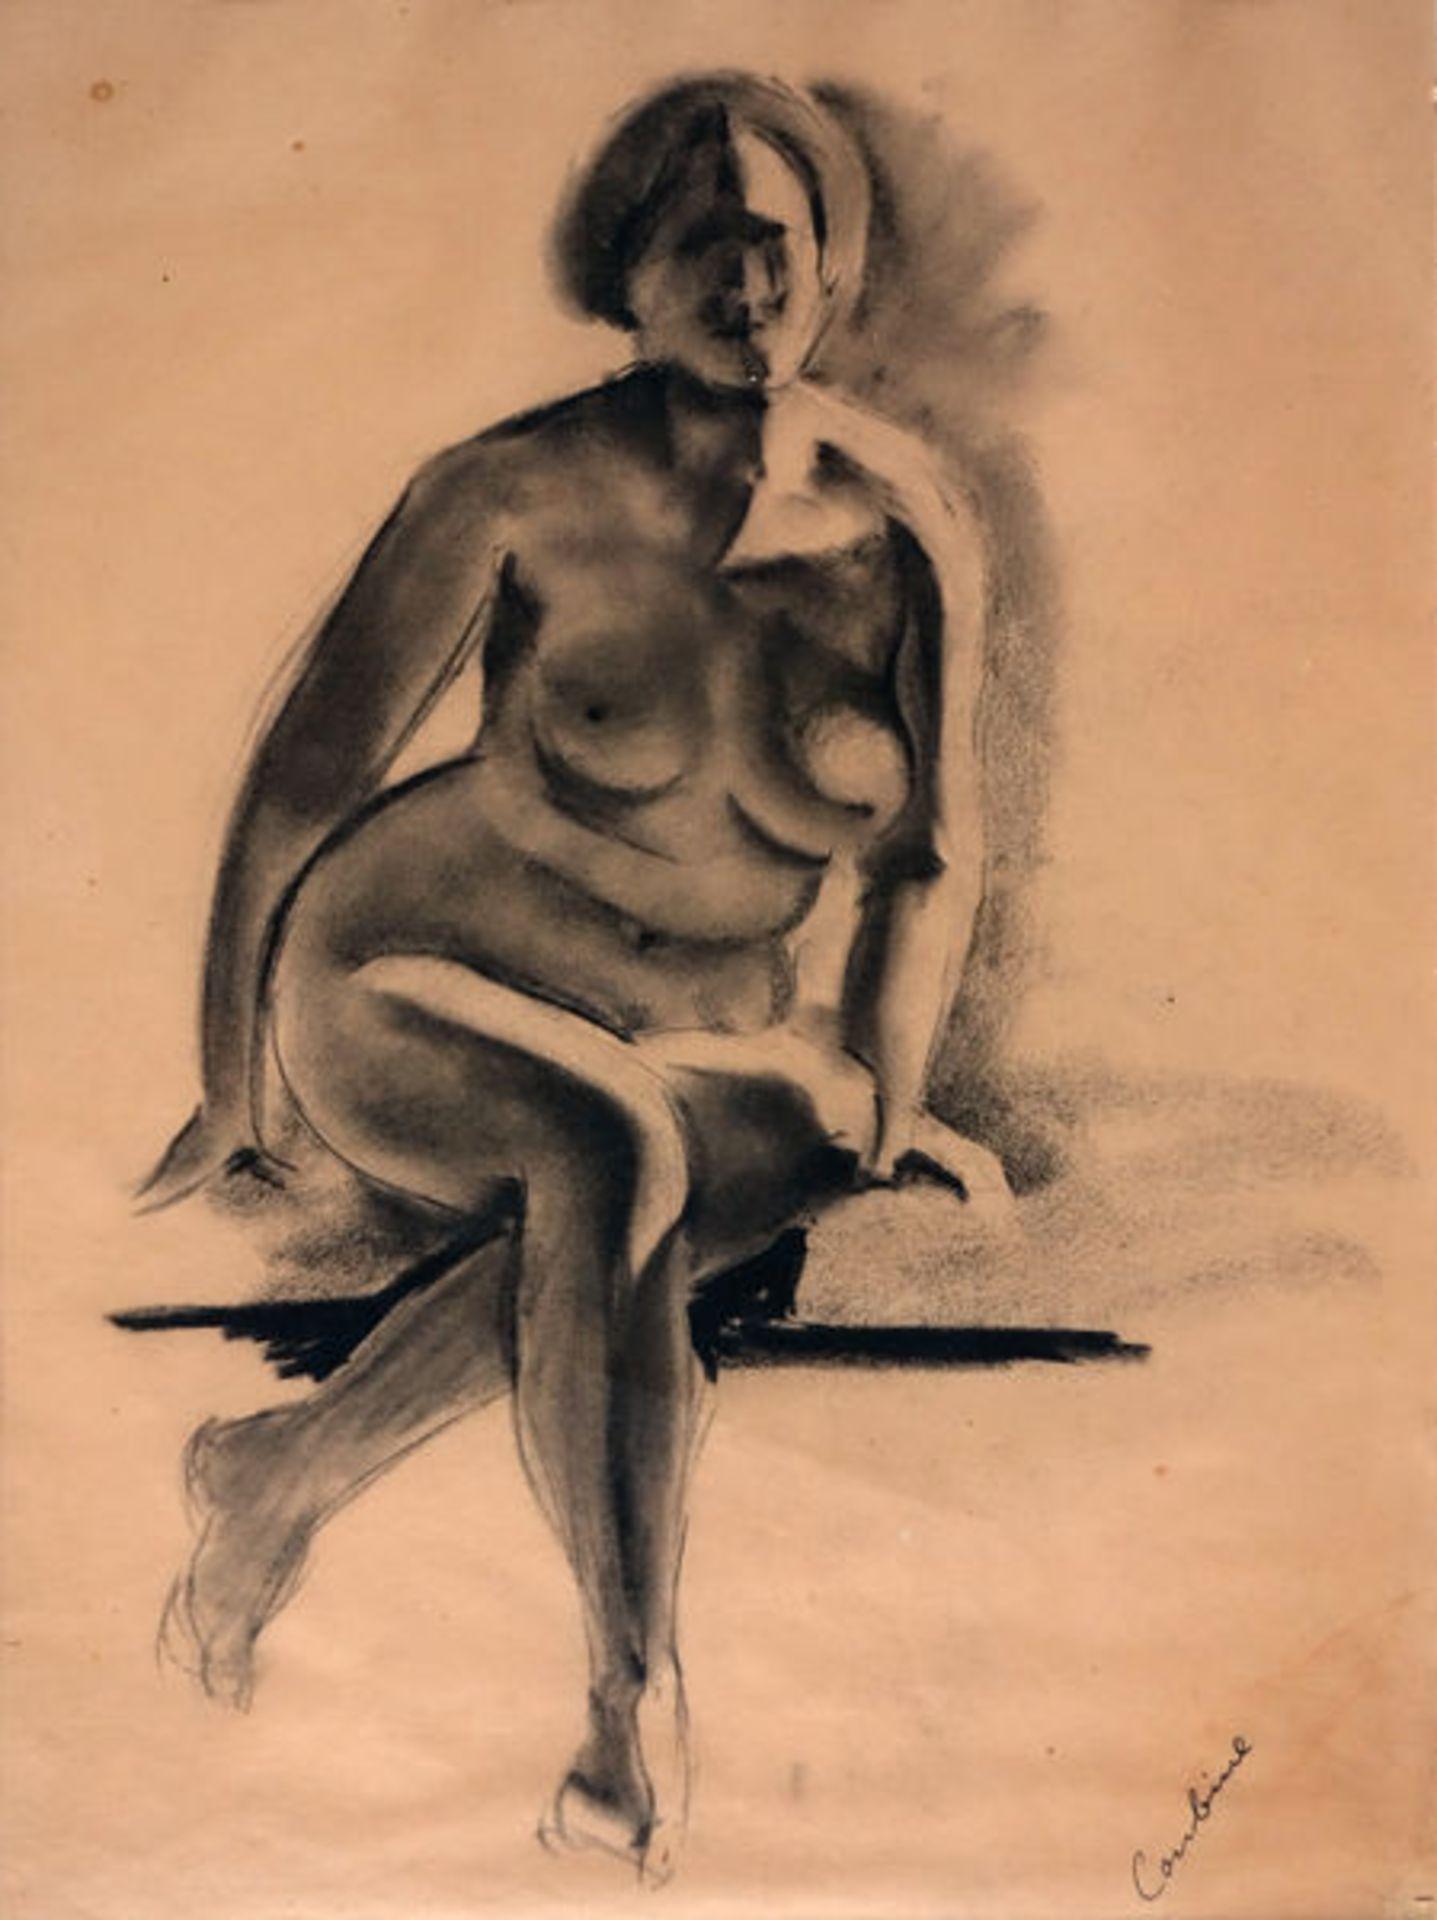 Coubine (das ist Otakar Kubín), OthonKohlezeichnung auf hellbraunem Papier, 43 x 32 cmSitzender